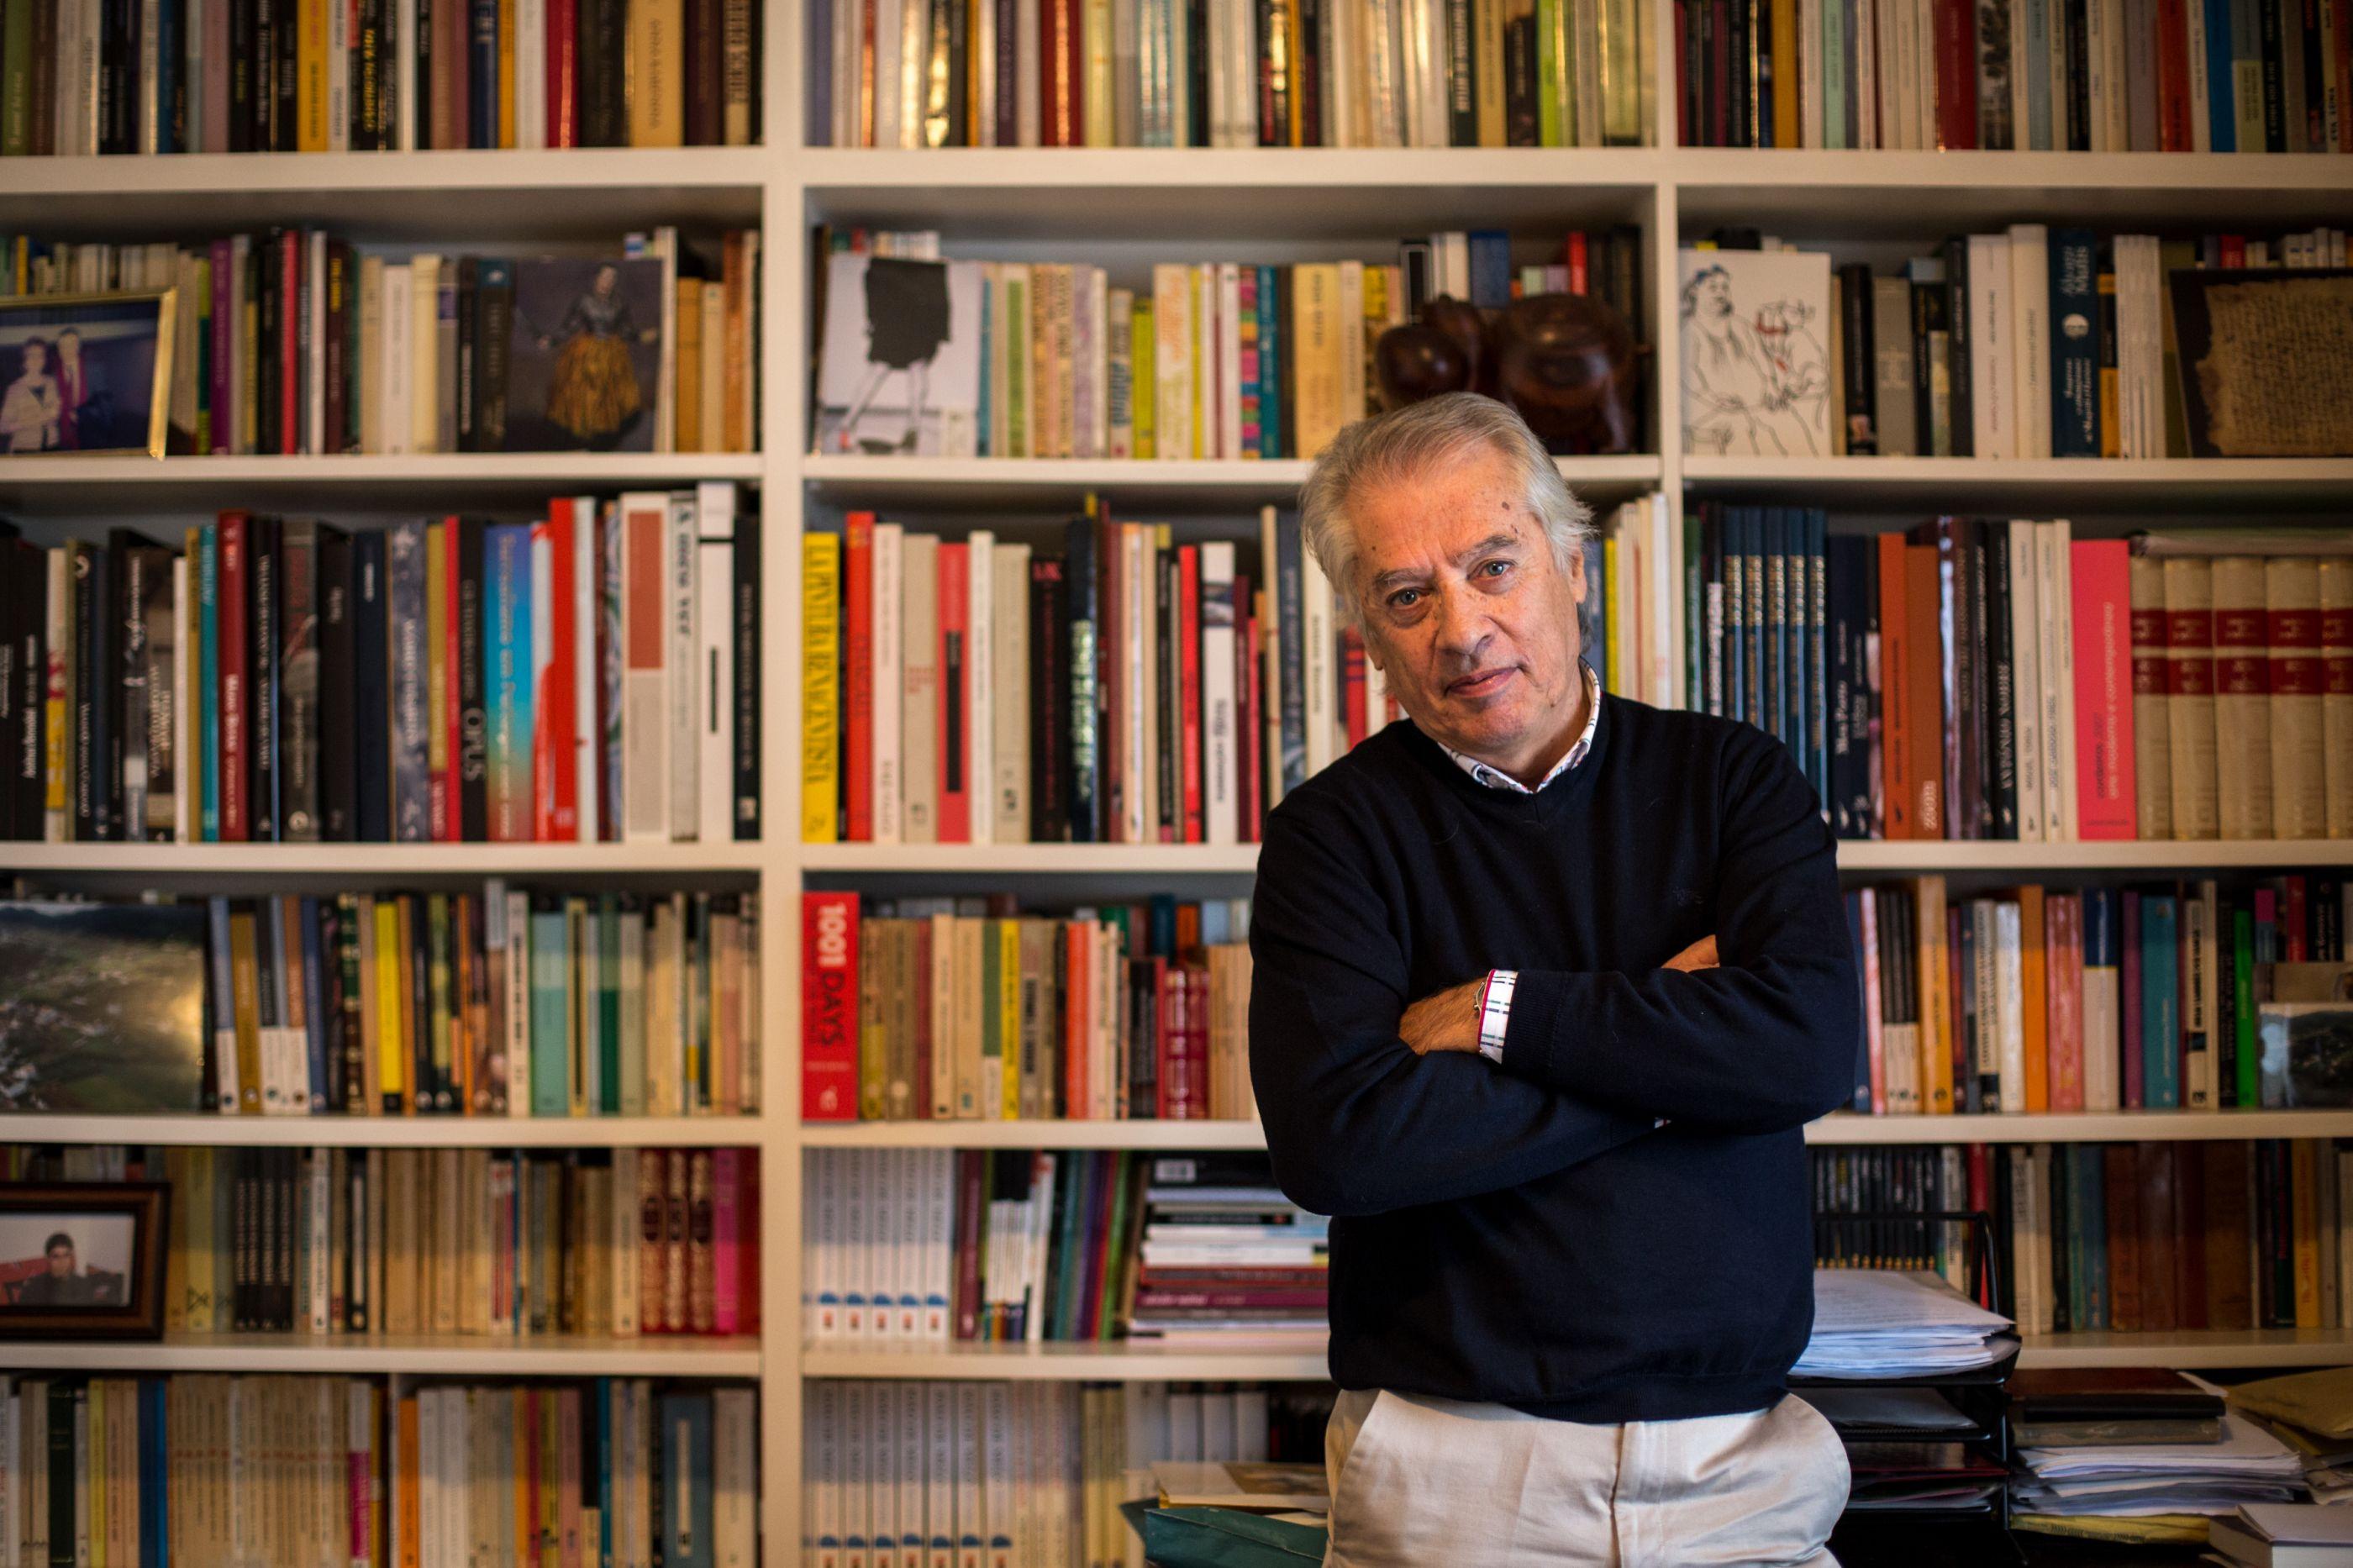 Escritor João de Melo distinguido com a Medalha de Mérito Cultural